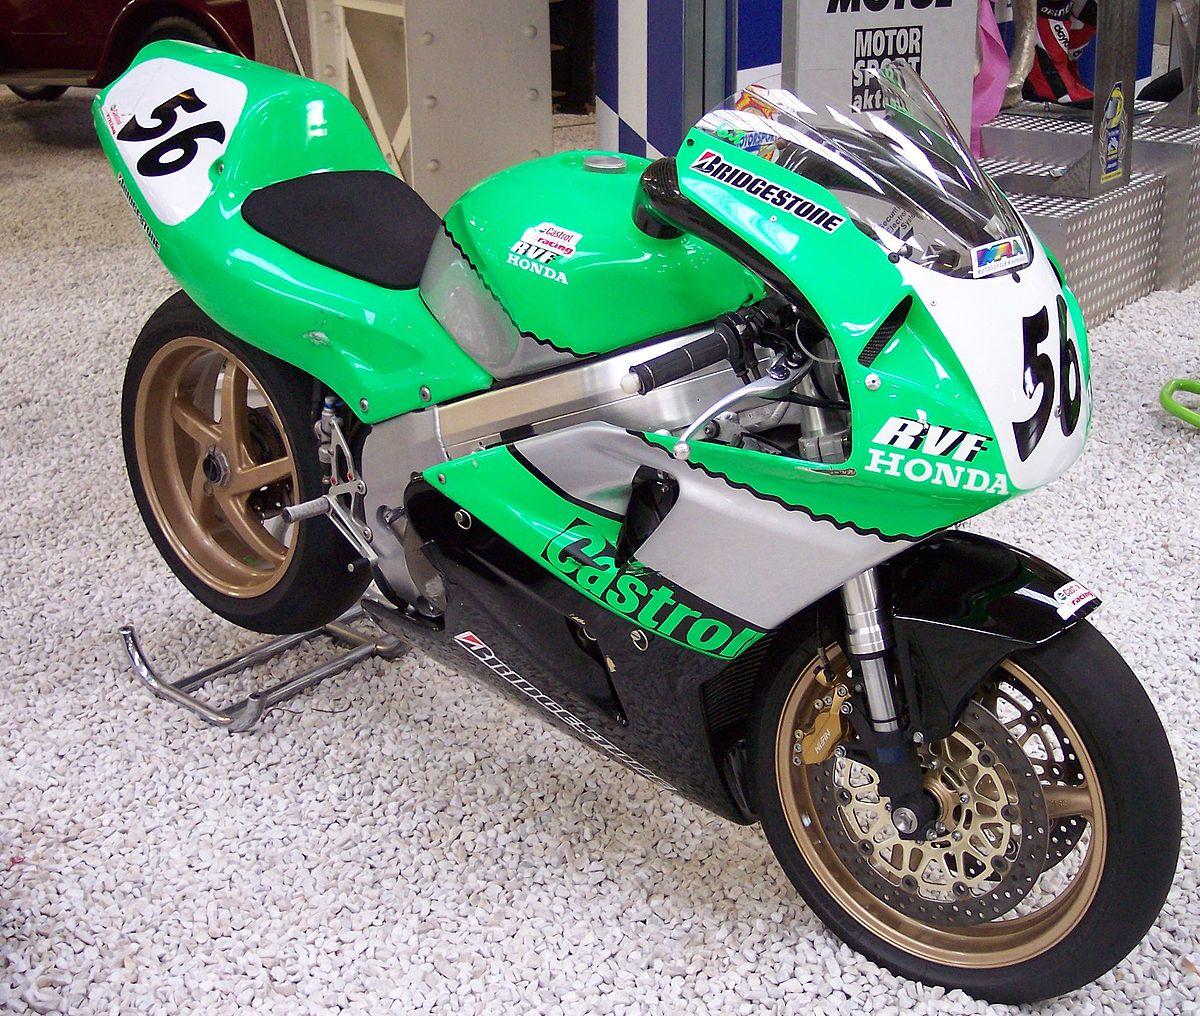 Honda RVF 750R - Wikipedia